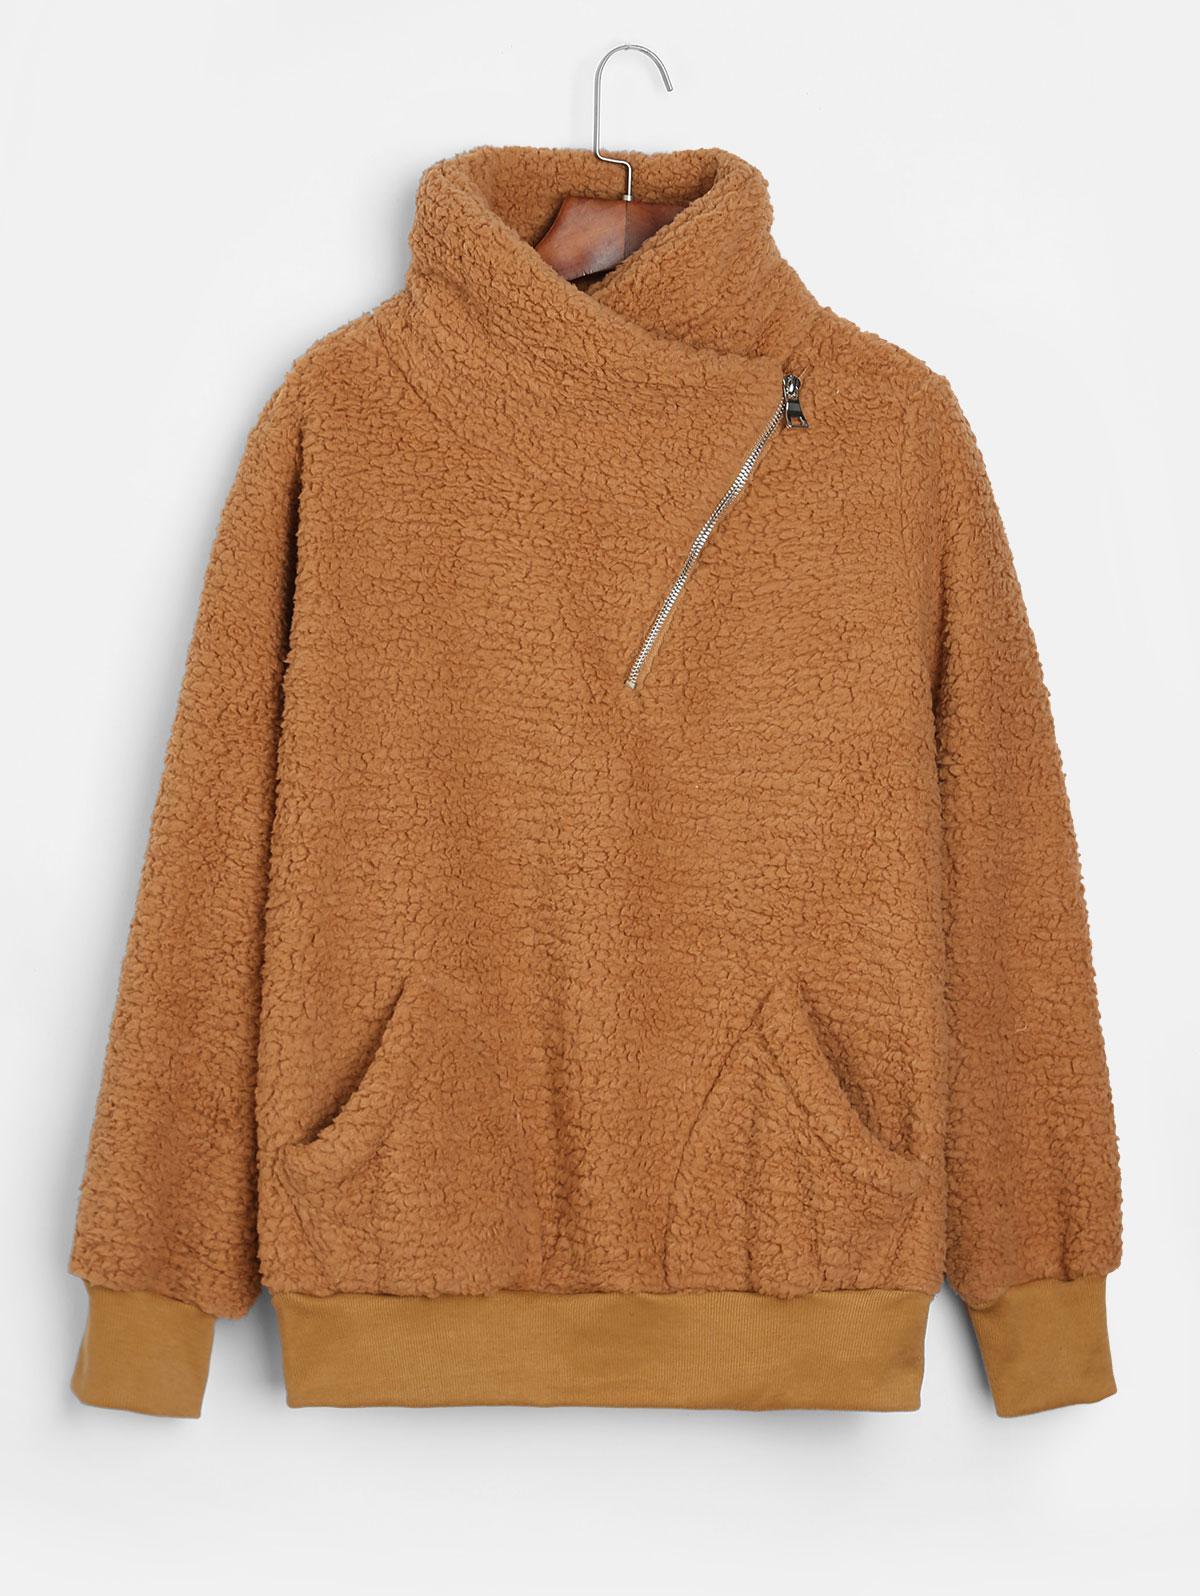 Asymmetric Zipper Pockets Faux Fur Sweatshirt